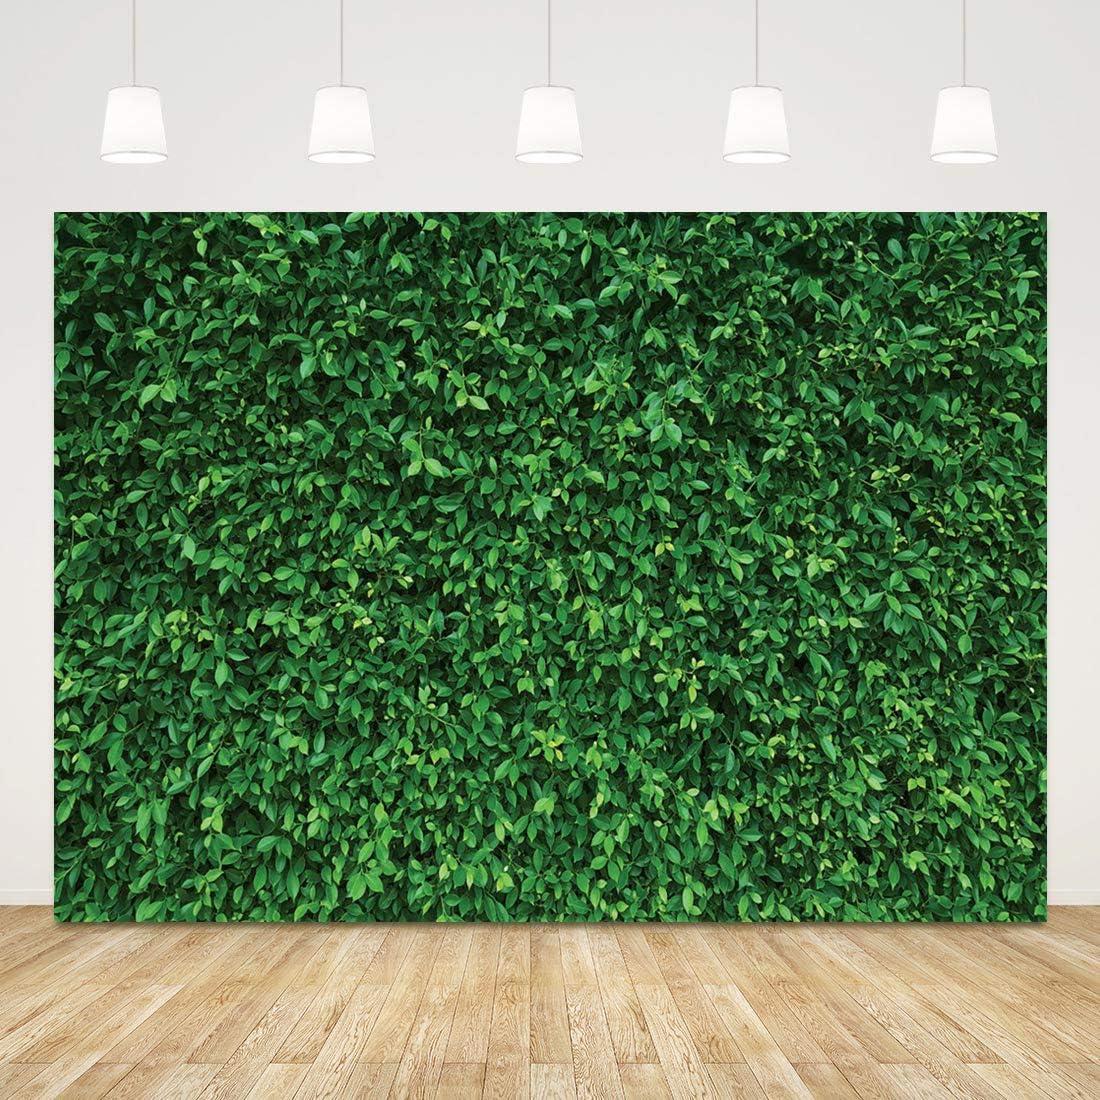 Grüner Künstlicher Gras Hintergrund Für Party Rasen Kamera